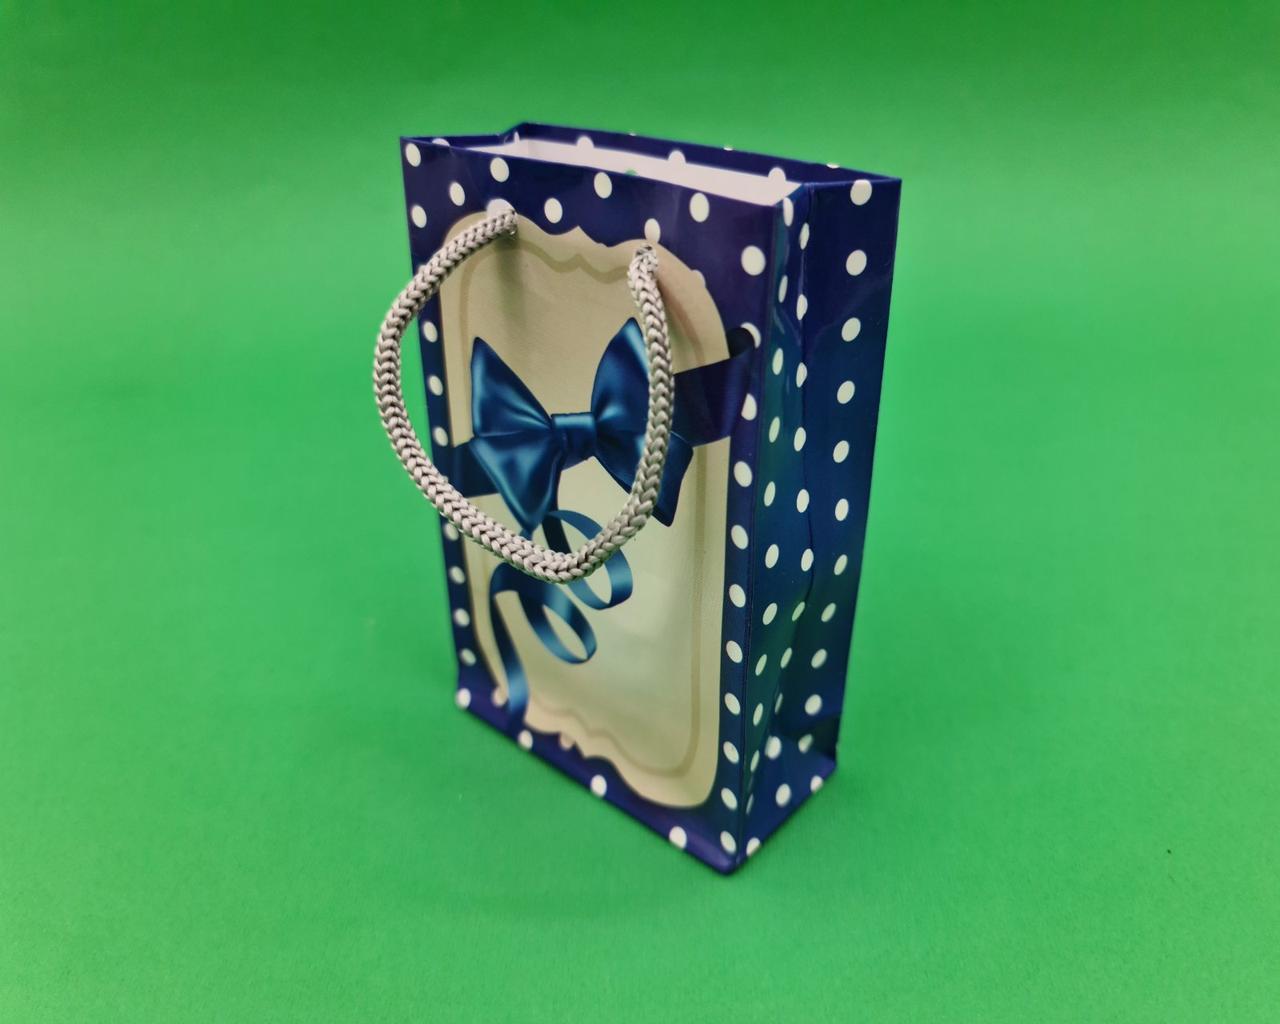 Пакет МІНІ 8*12*3.5 арт22 (12 шт)